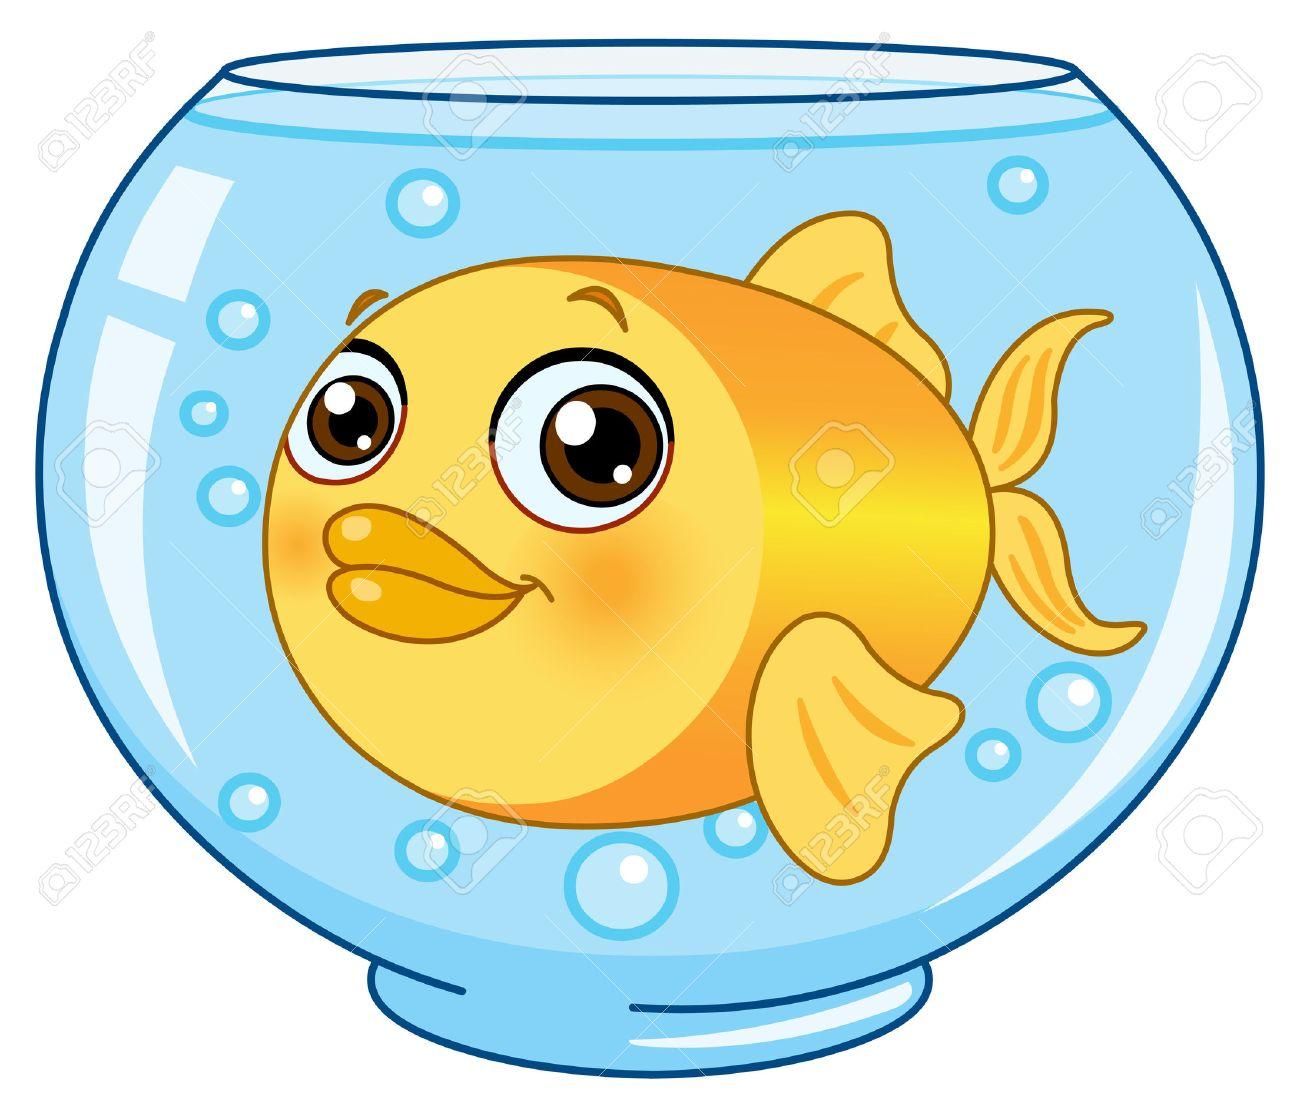 Schüssel clipart  Goldfish In Eine Schüssel Geben Lizenzfrei Nutzbare Vektorgrafiken ...